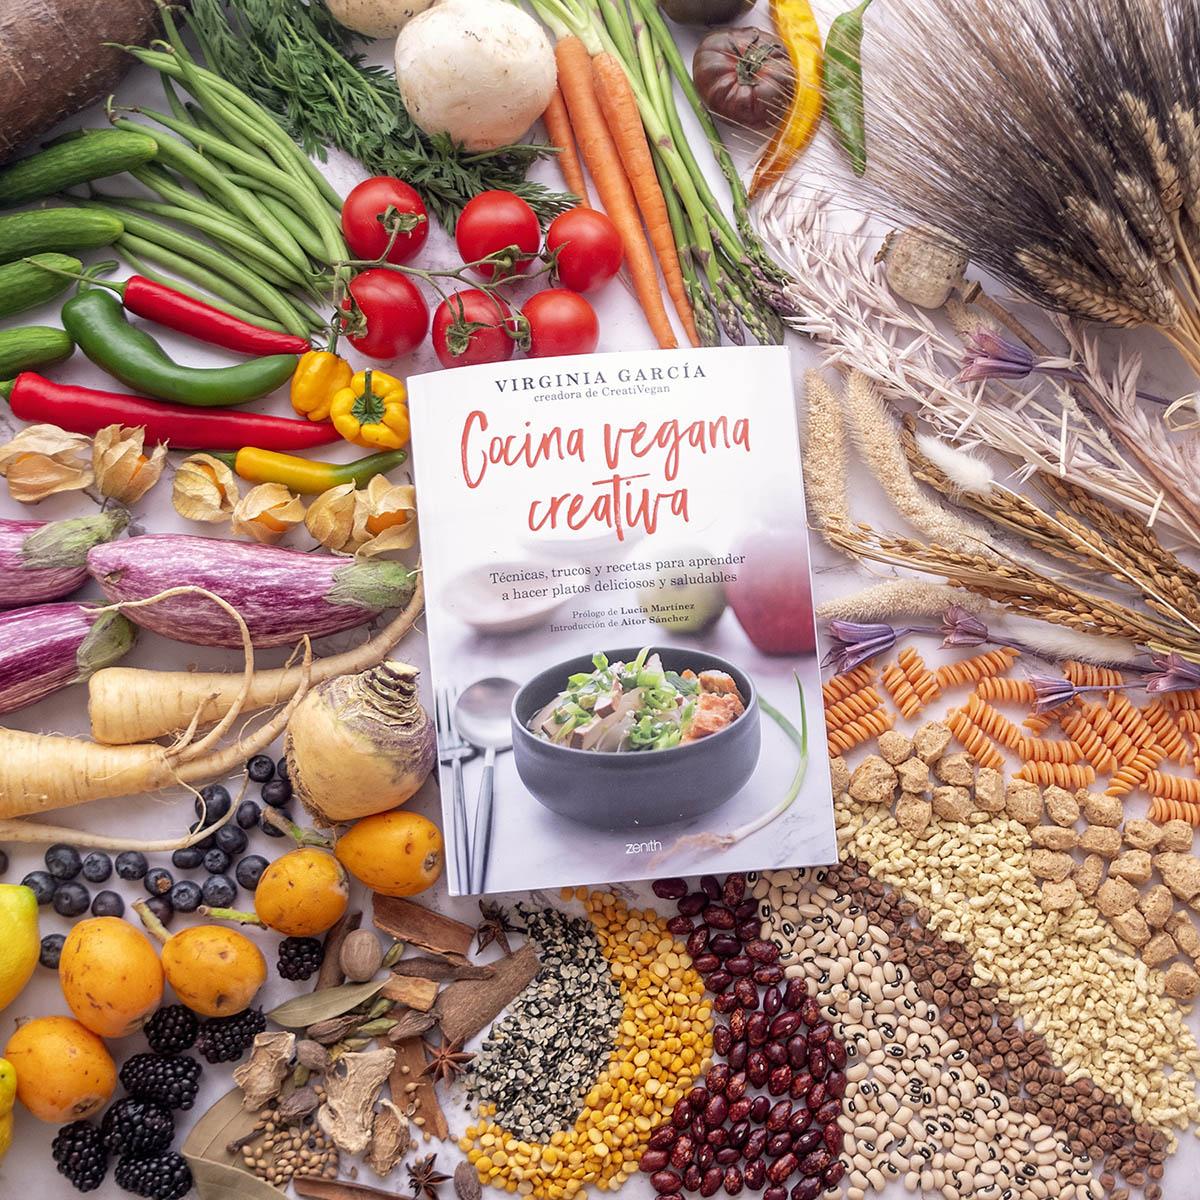 Imagen del libro Cocina Vegana Creativa de Virginia García, Ed. Planeta.